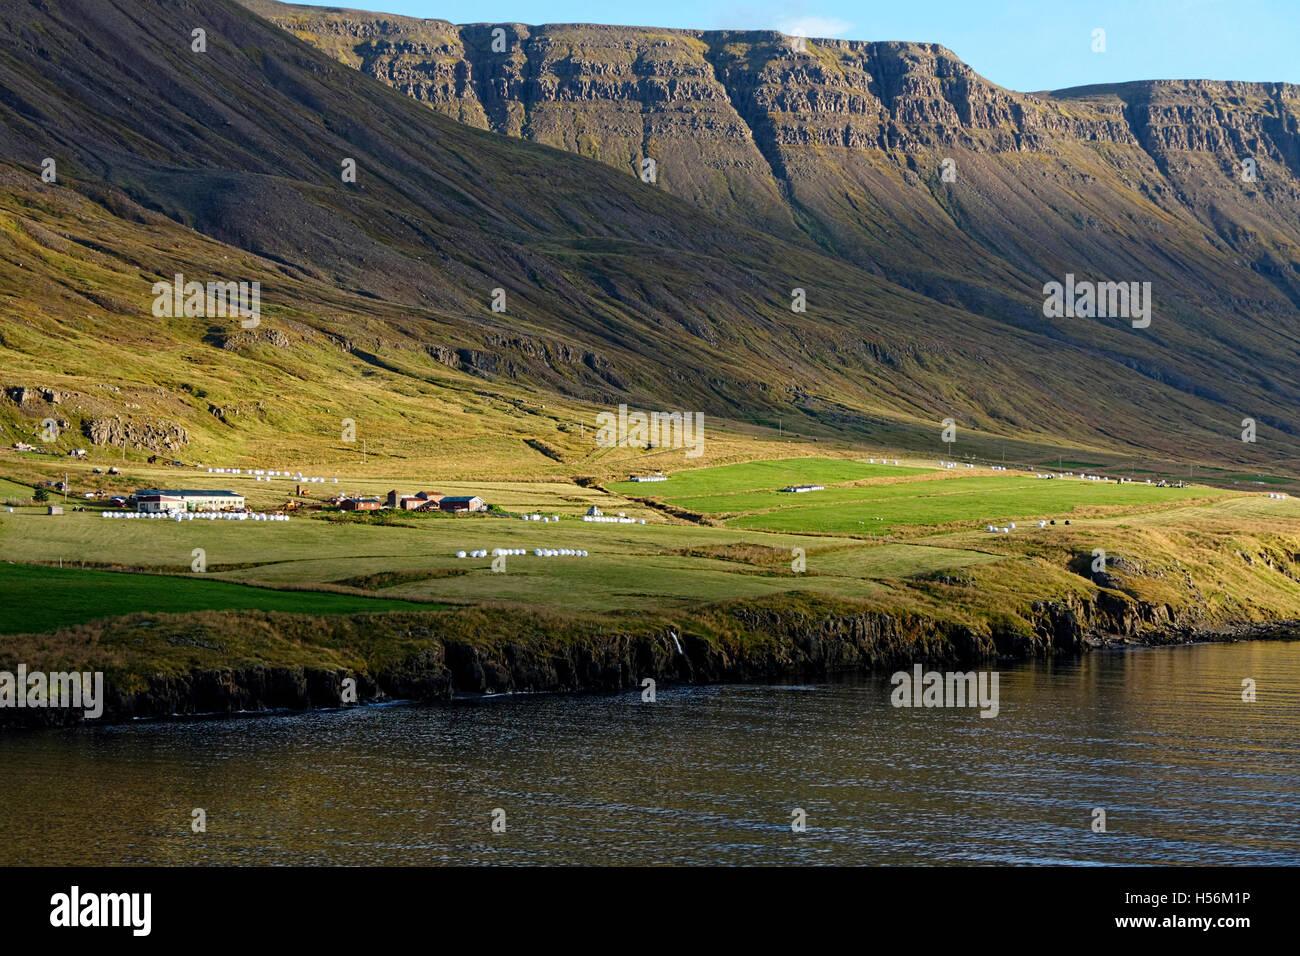 Ferme dans le Seyoisfjord, l'Islande, de l'Atlantique Nord, Europe Photo Stock